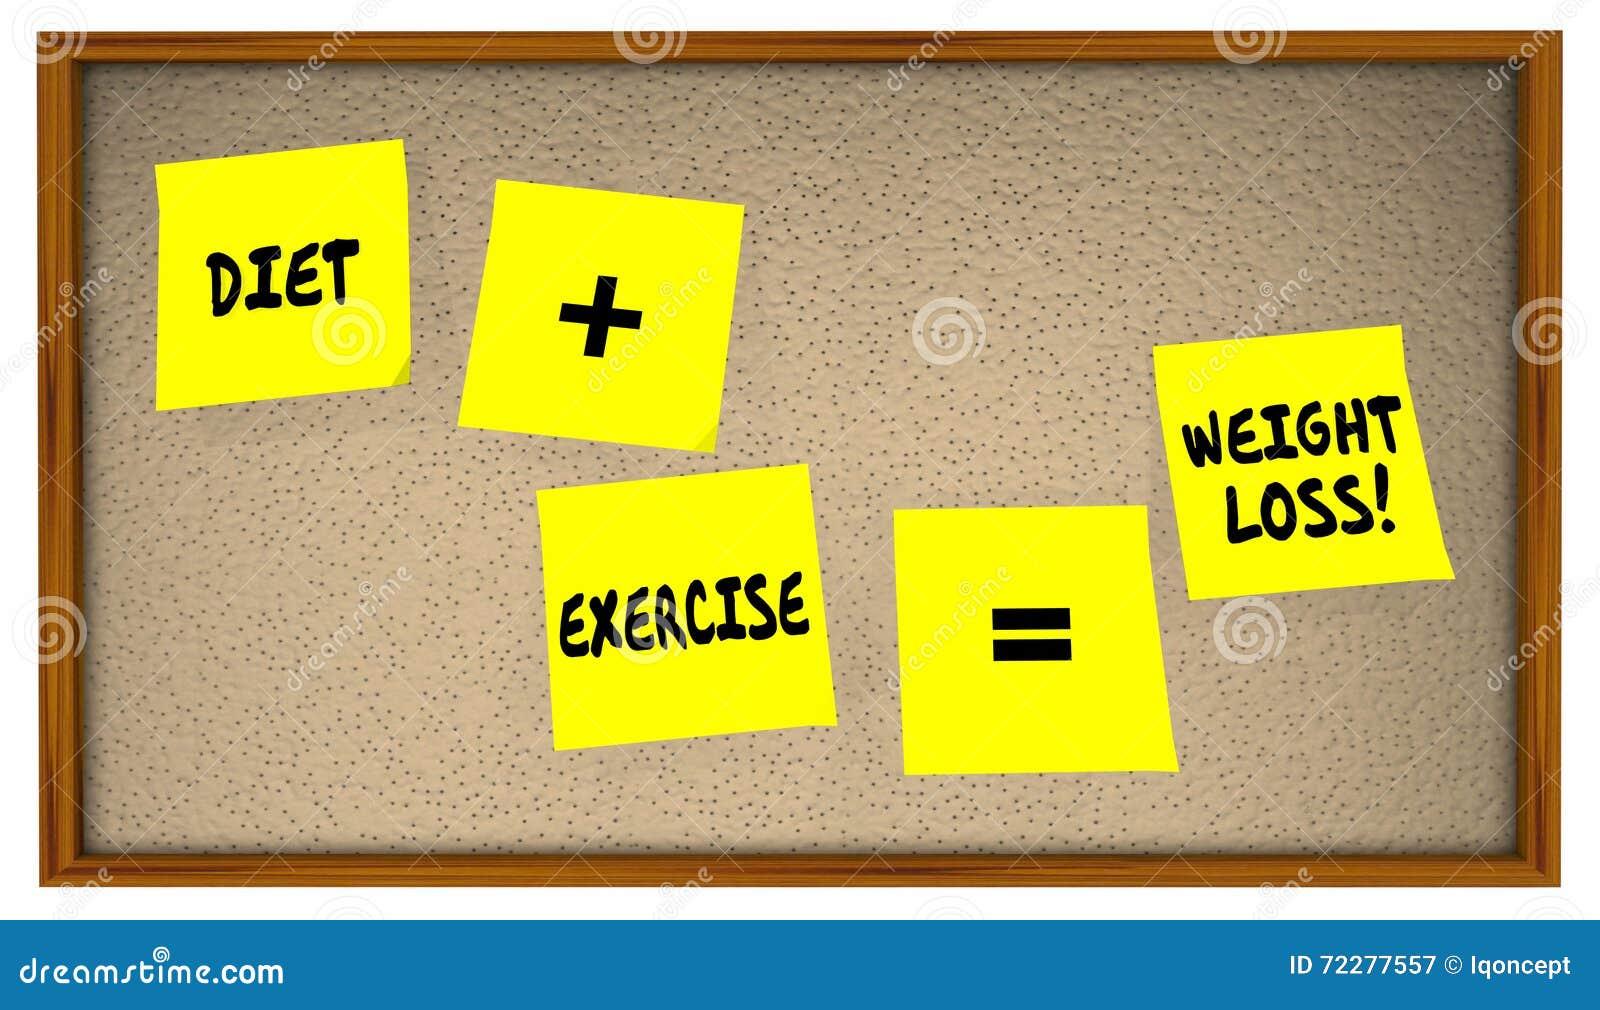 Download Диета плюс тренировка приравнивает успех плана потери веса Иллюстрация штока - иллюстрации насчитывающей здорово, пуль: 72277557